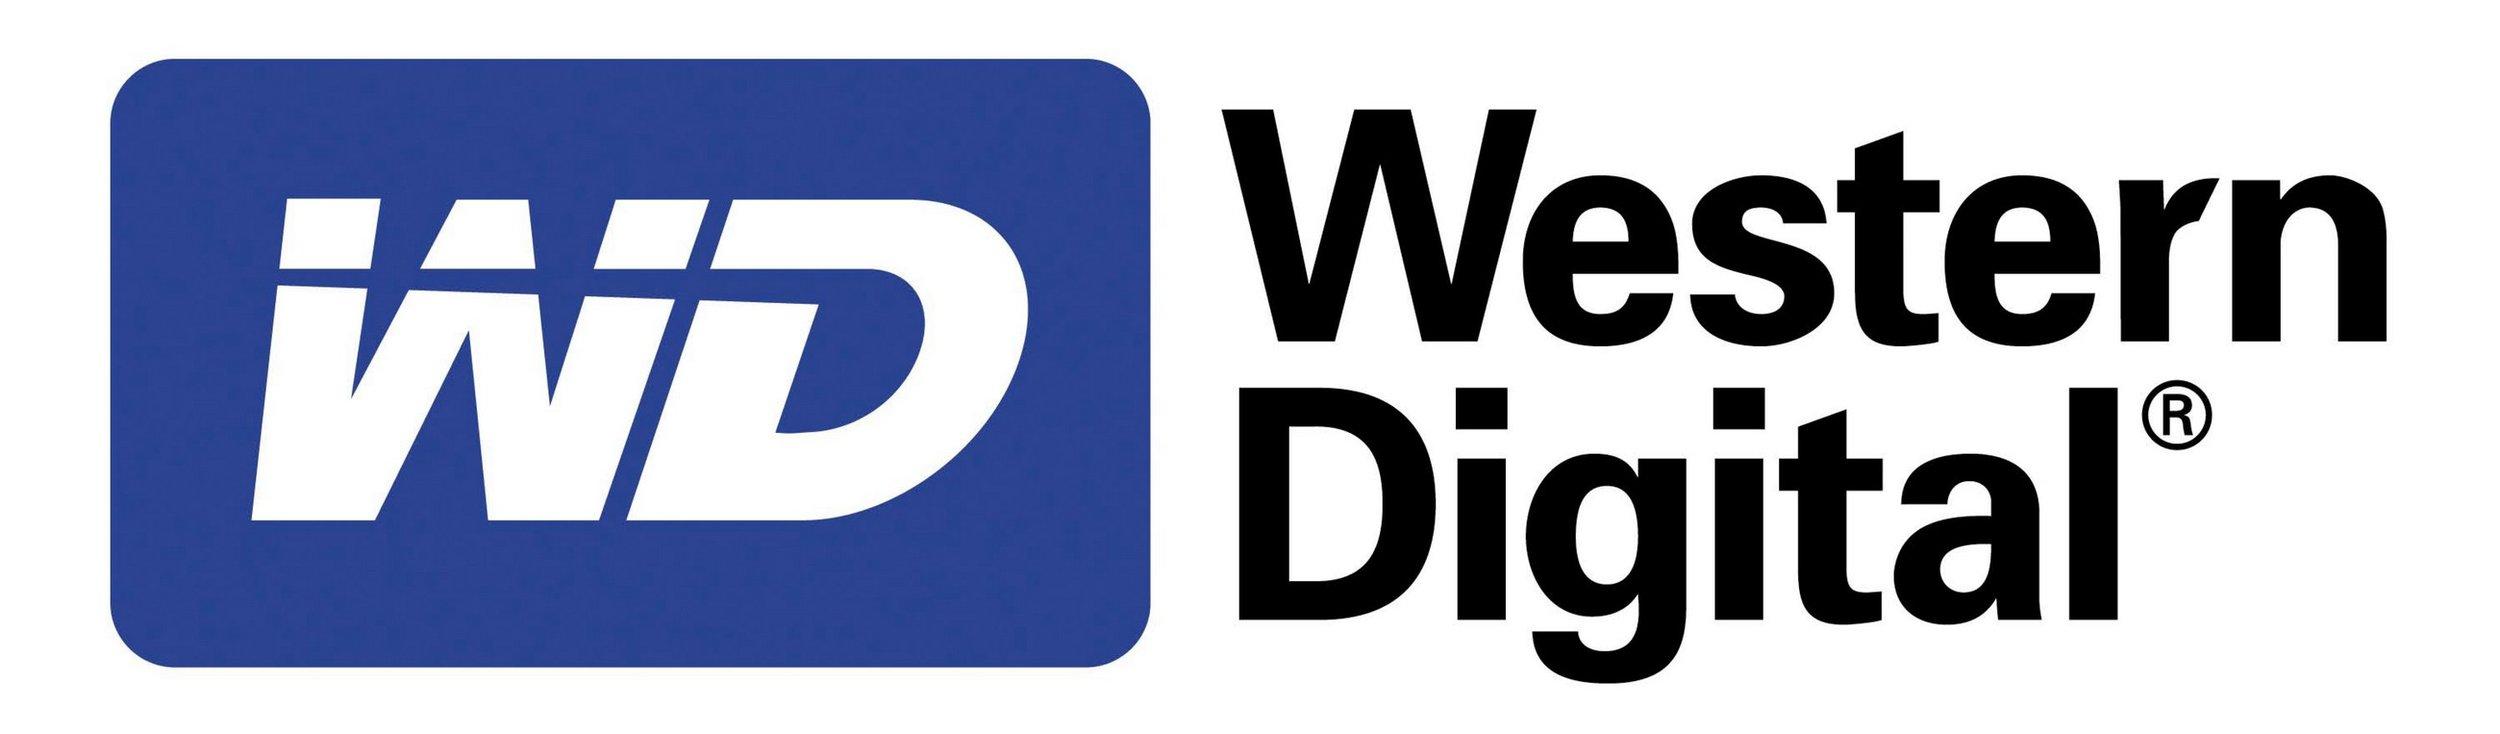 western_digital-logo.jpg